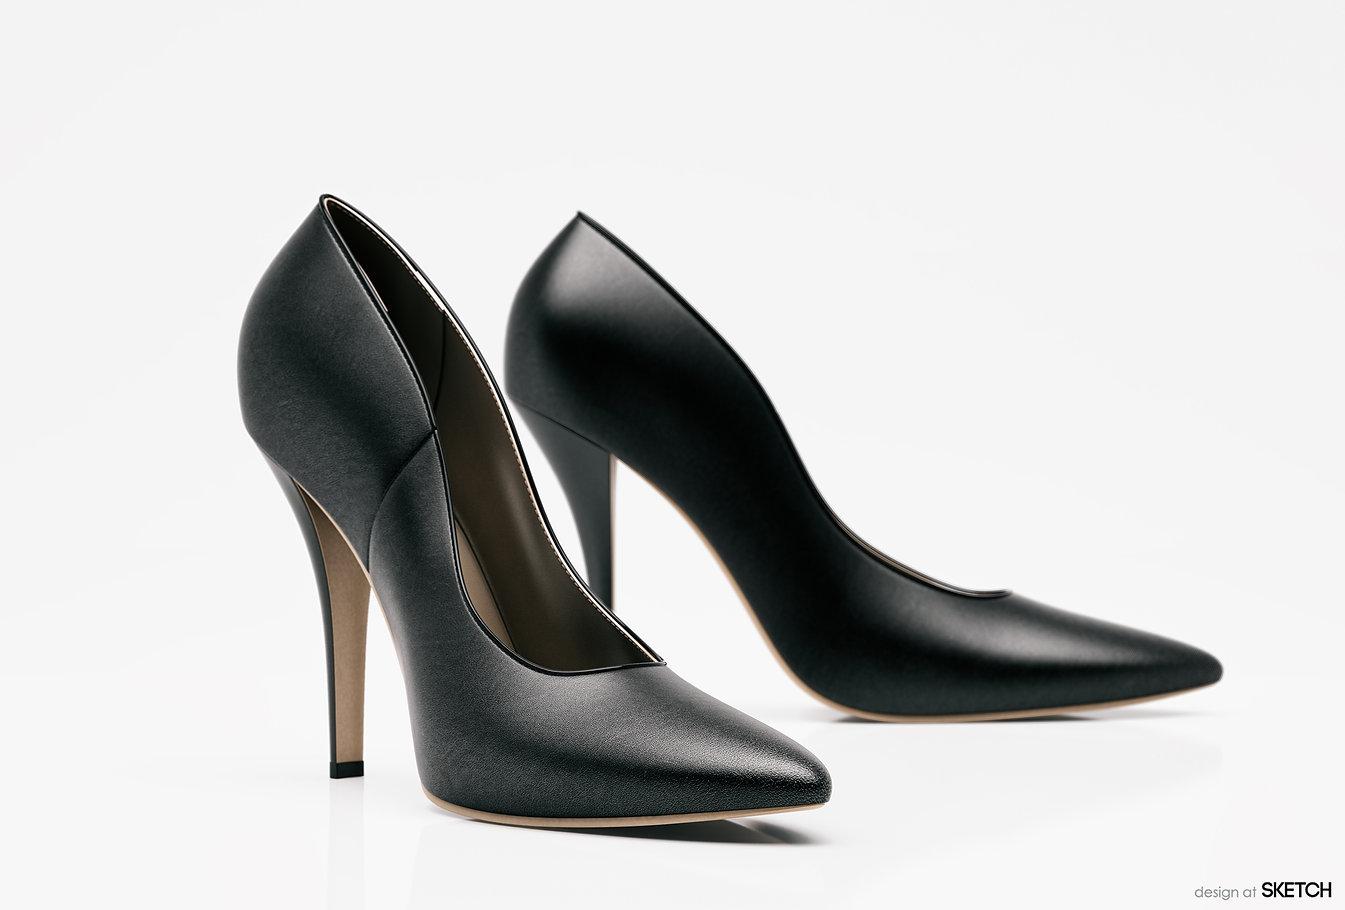 Design_At_Sketch_Shoe_Black_Leather.jpg